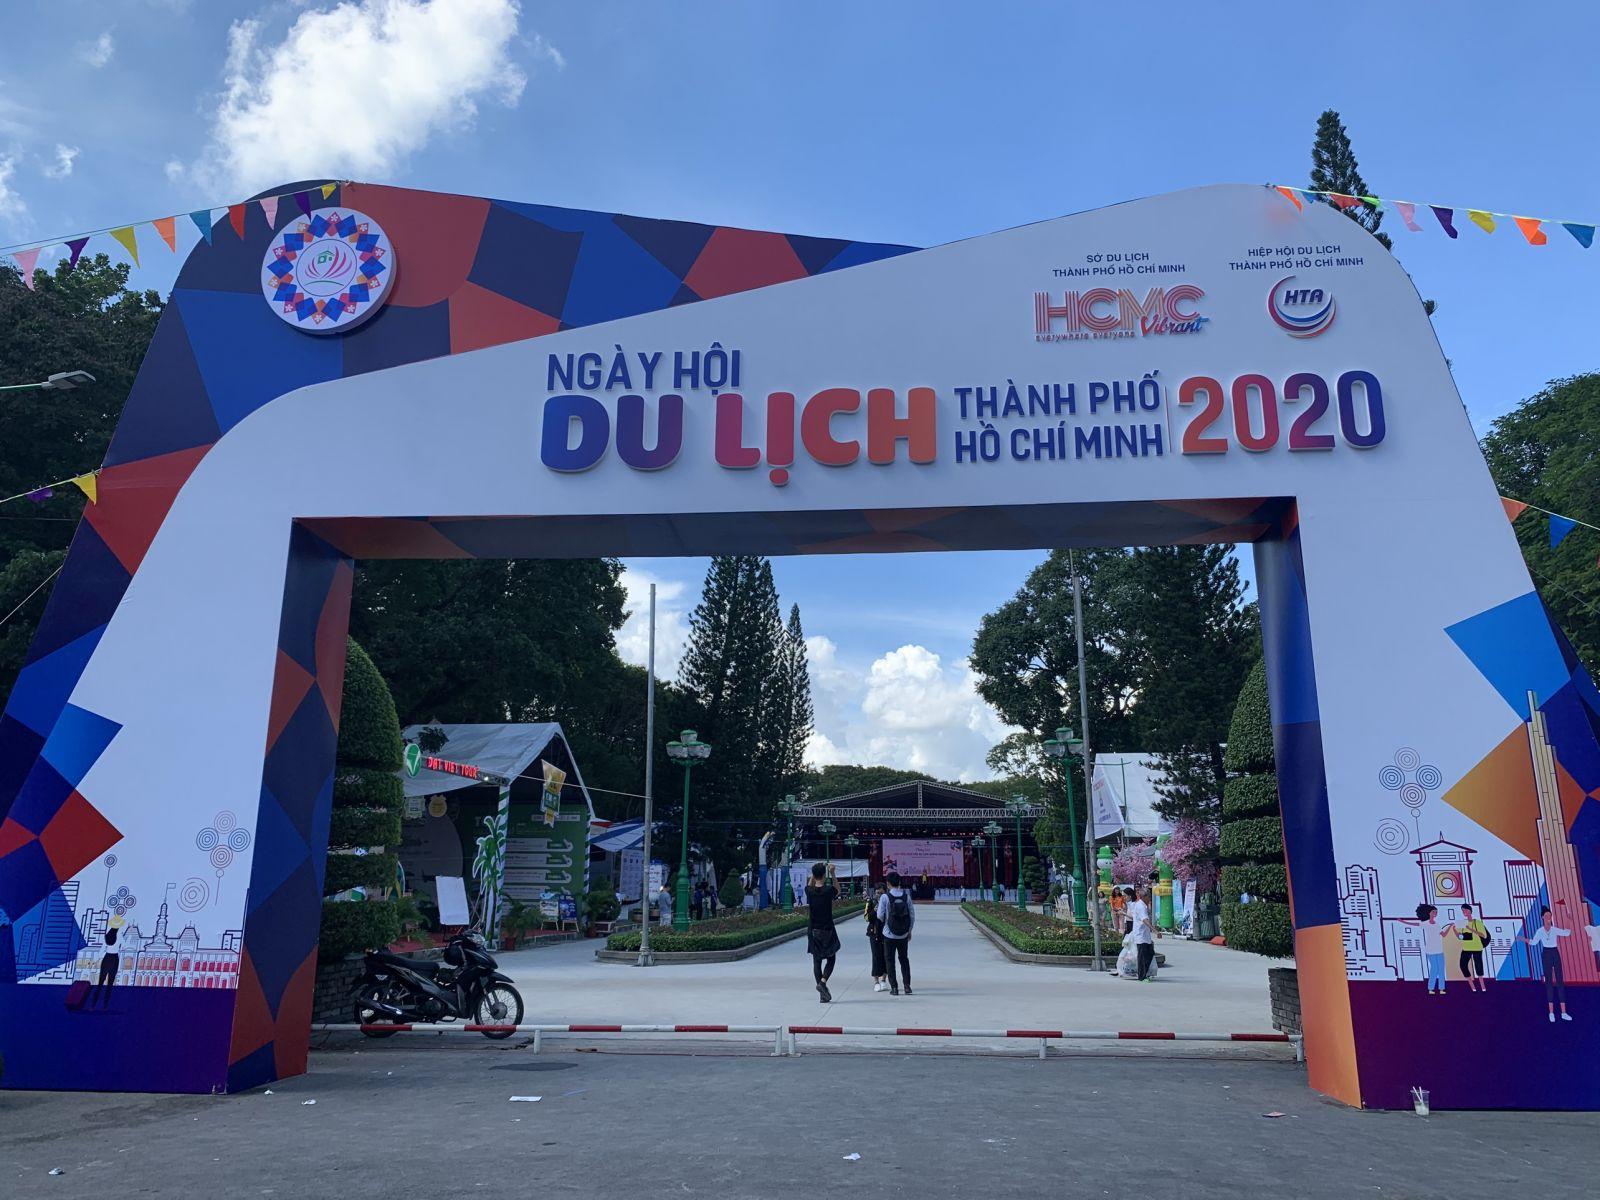 Sau COVID-19, Sài Gòn lại rộn ràng với  'Ngày hội Du lịch TP.HCM 2020'